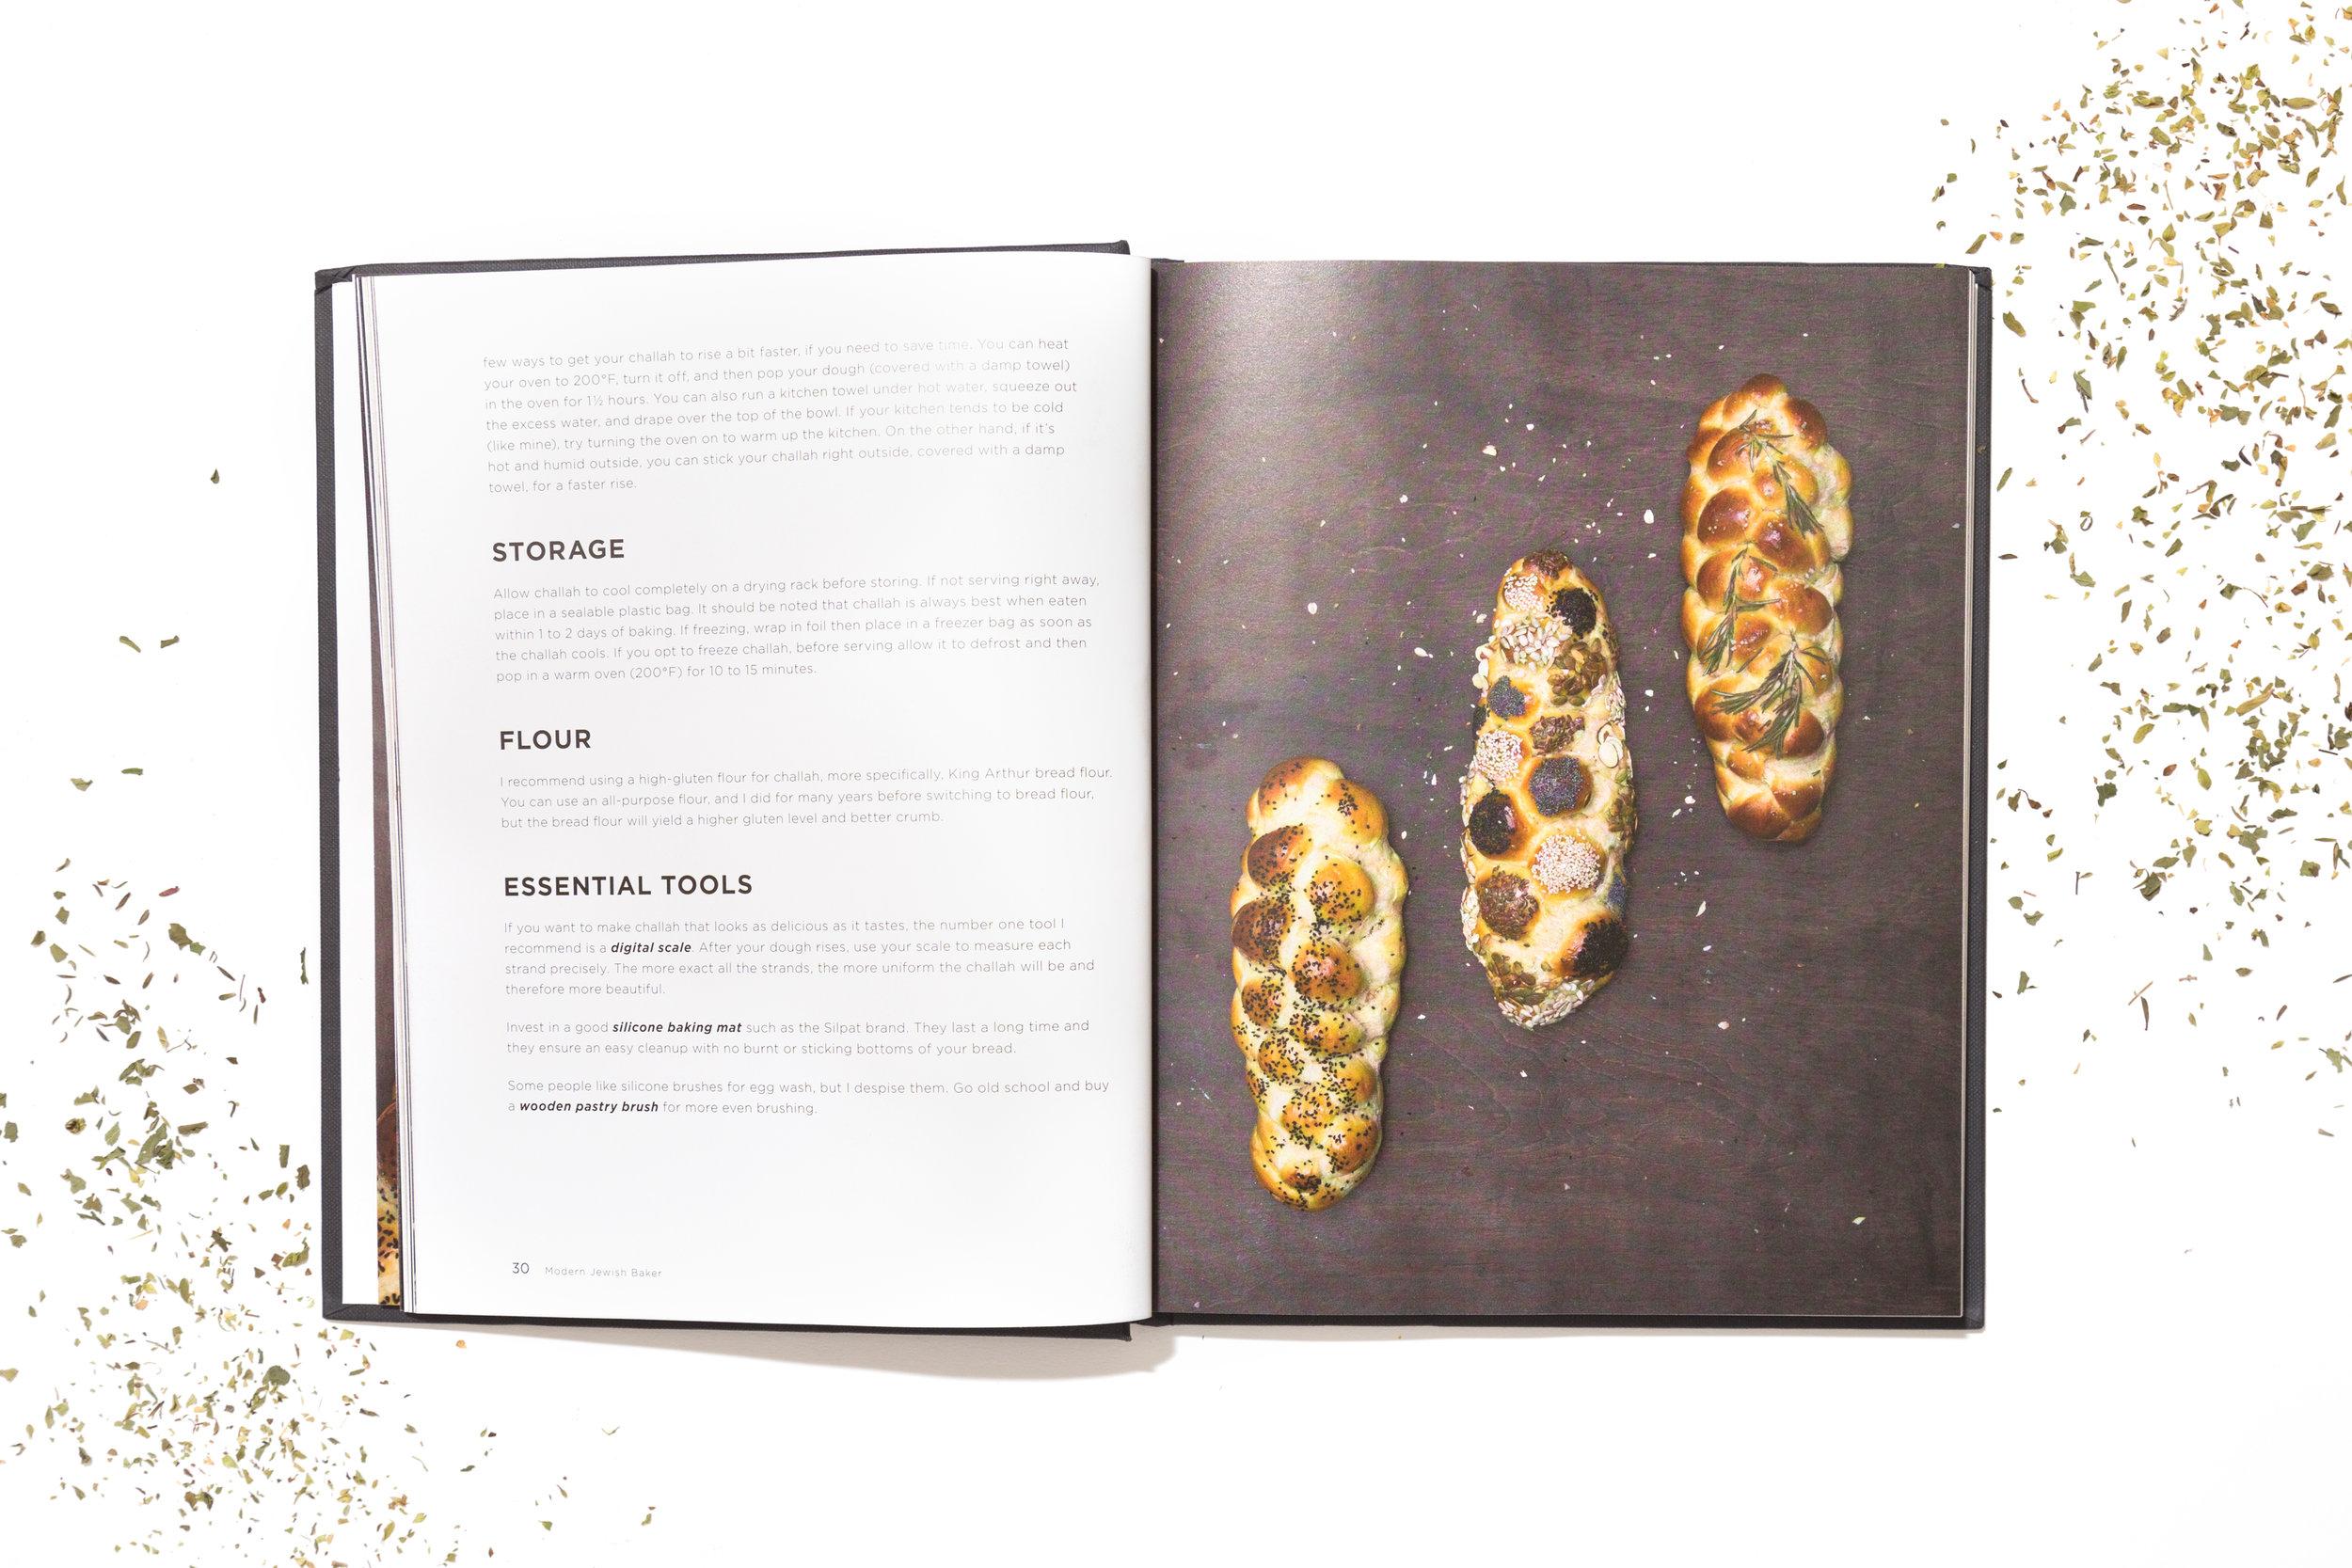 veronica-sage-mcavoy-modern-jewish-baker-31.jpg